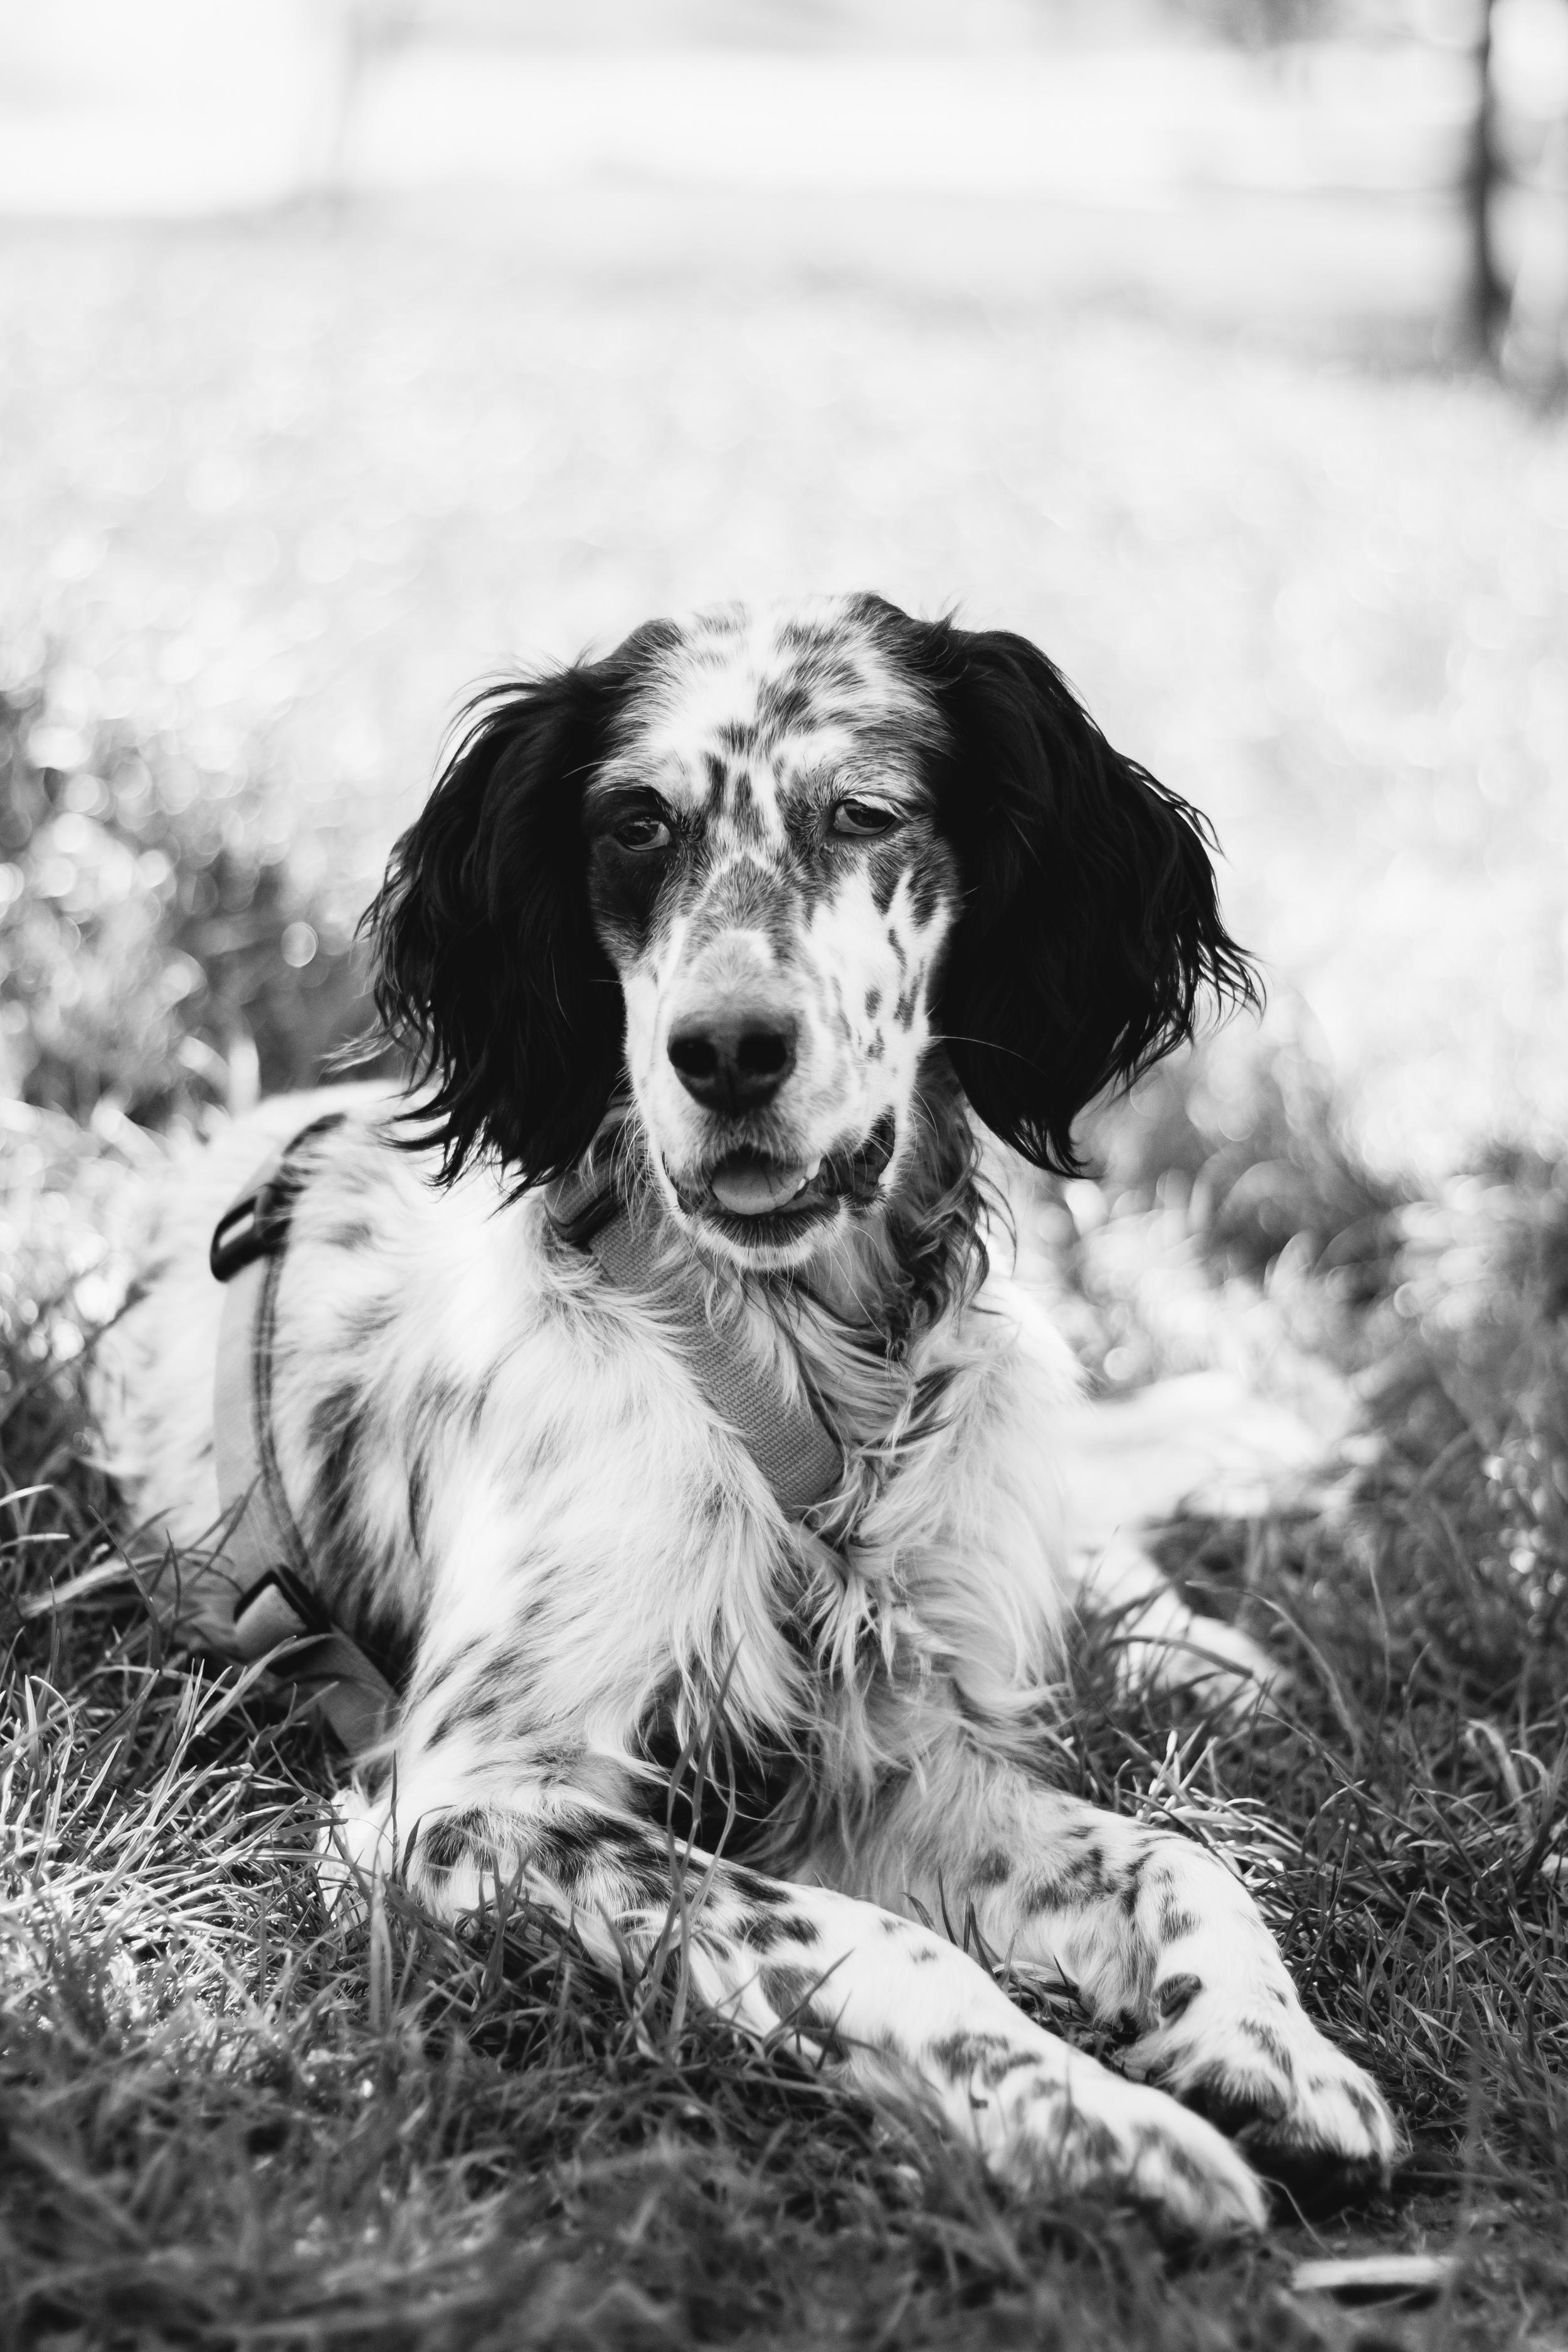 Cani ritratti cane english setter parco torino fotografo laura griffiths fotografia